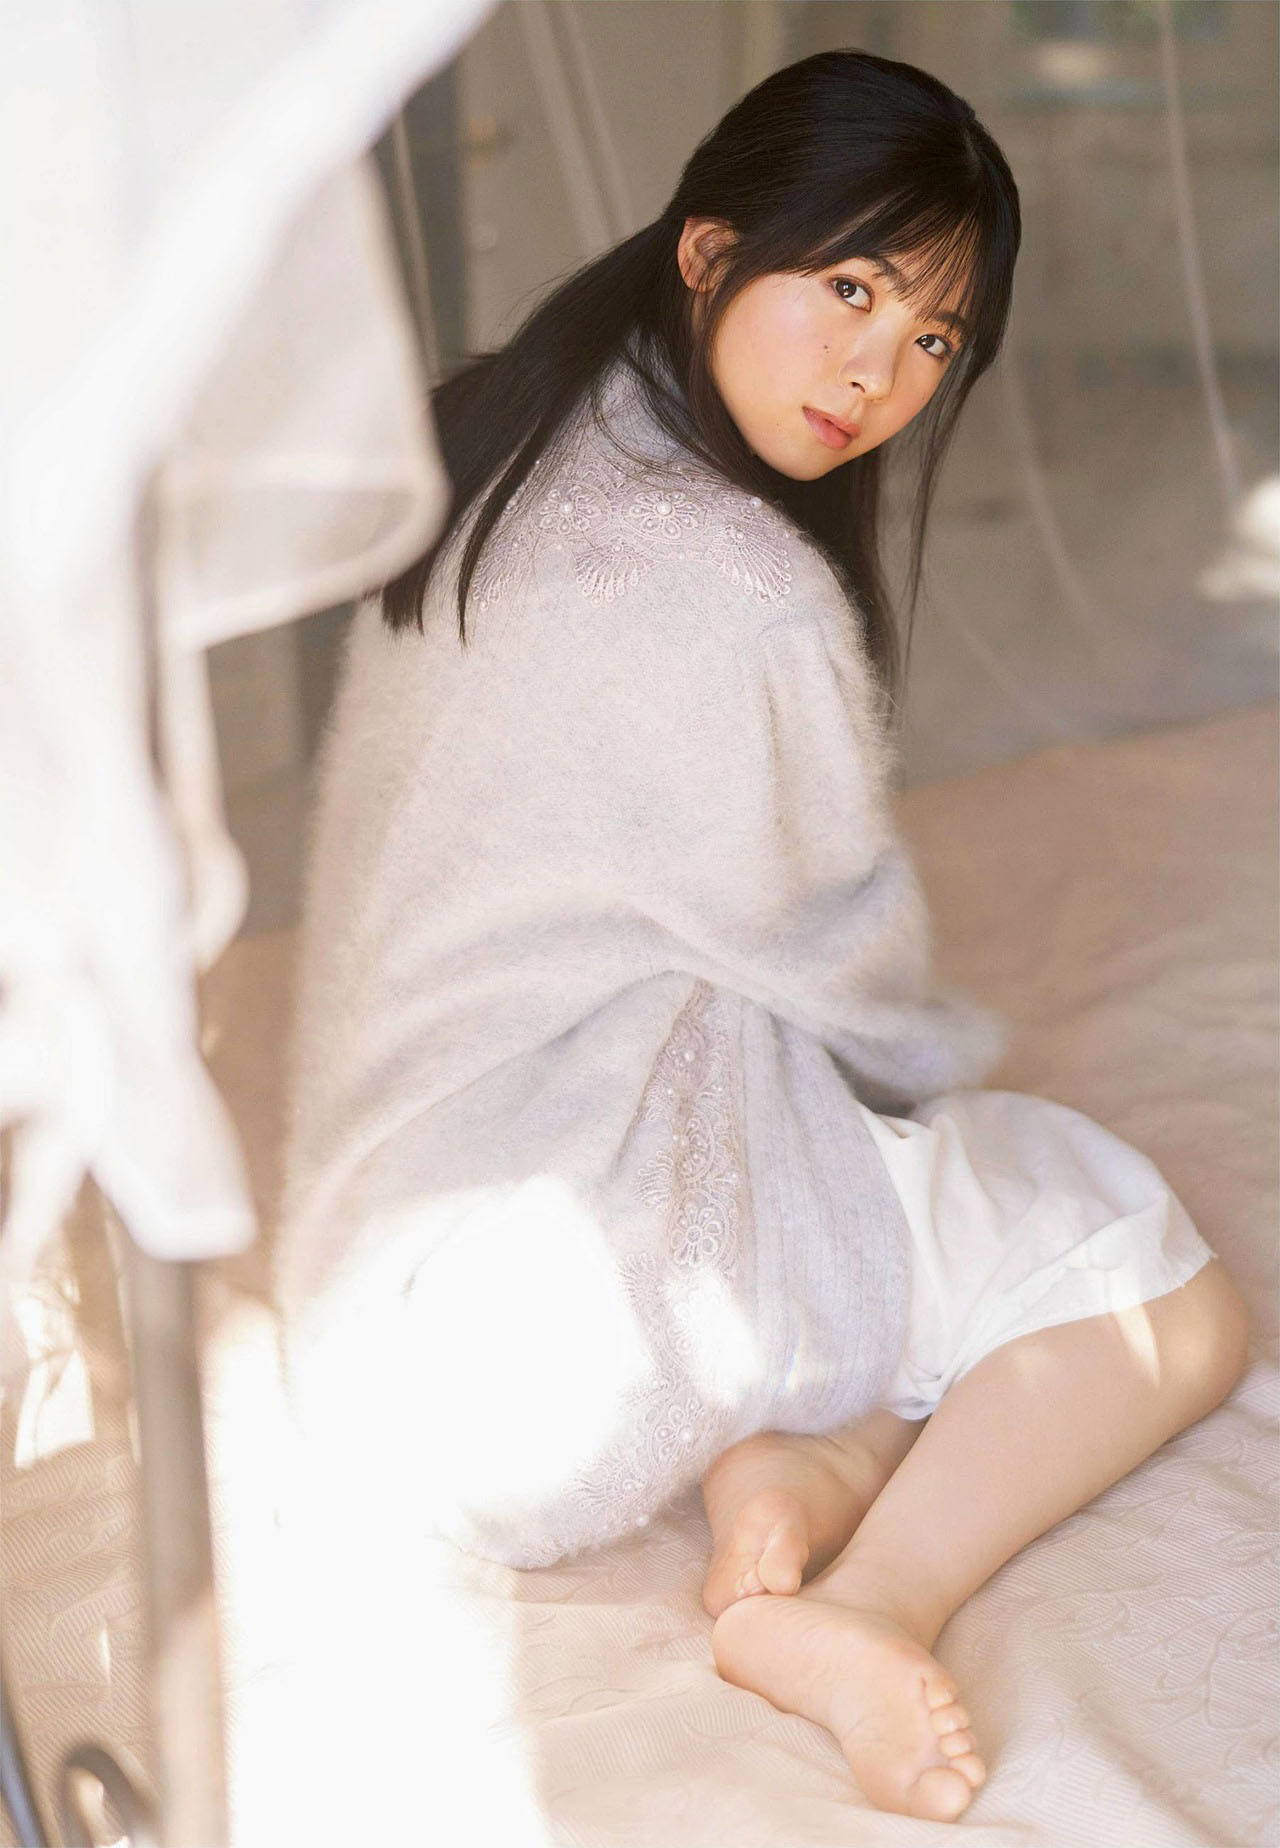 Ayame Tsutsui N46 EnTame 2103 10.jpg